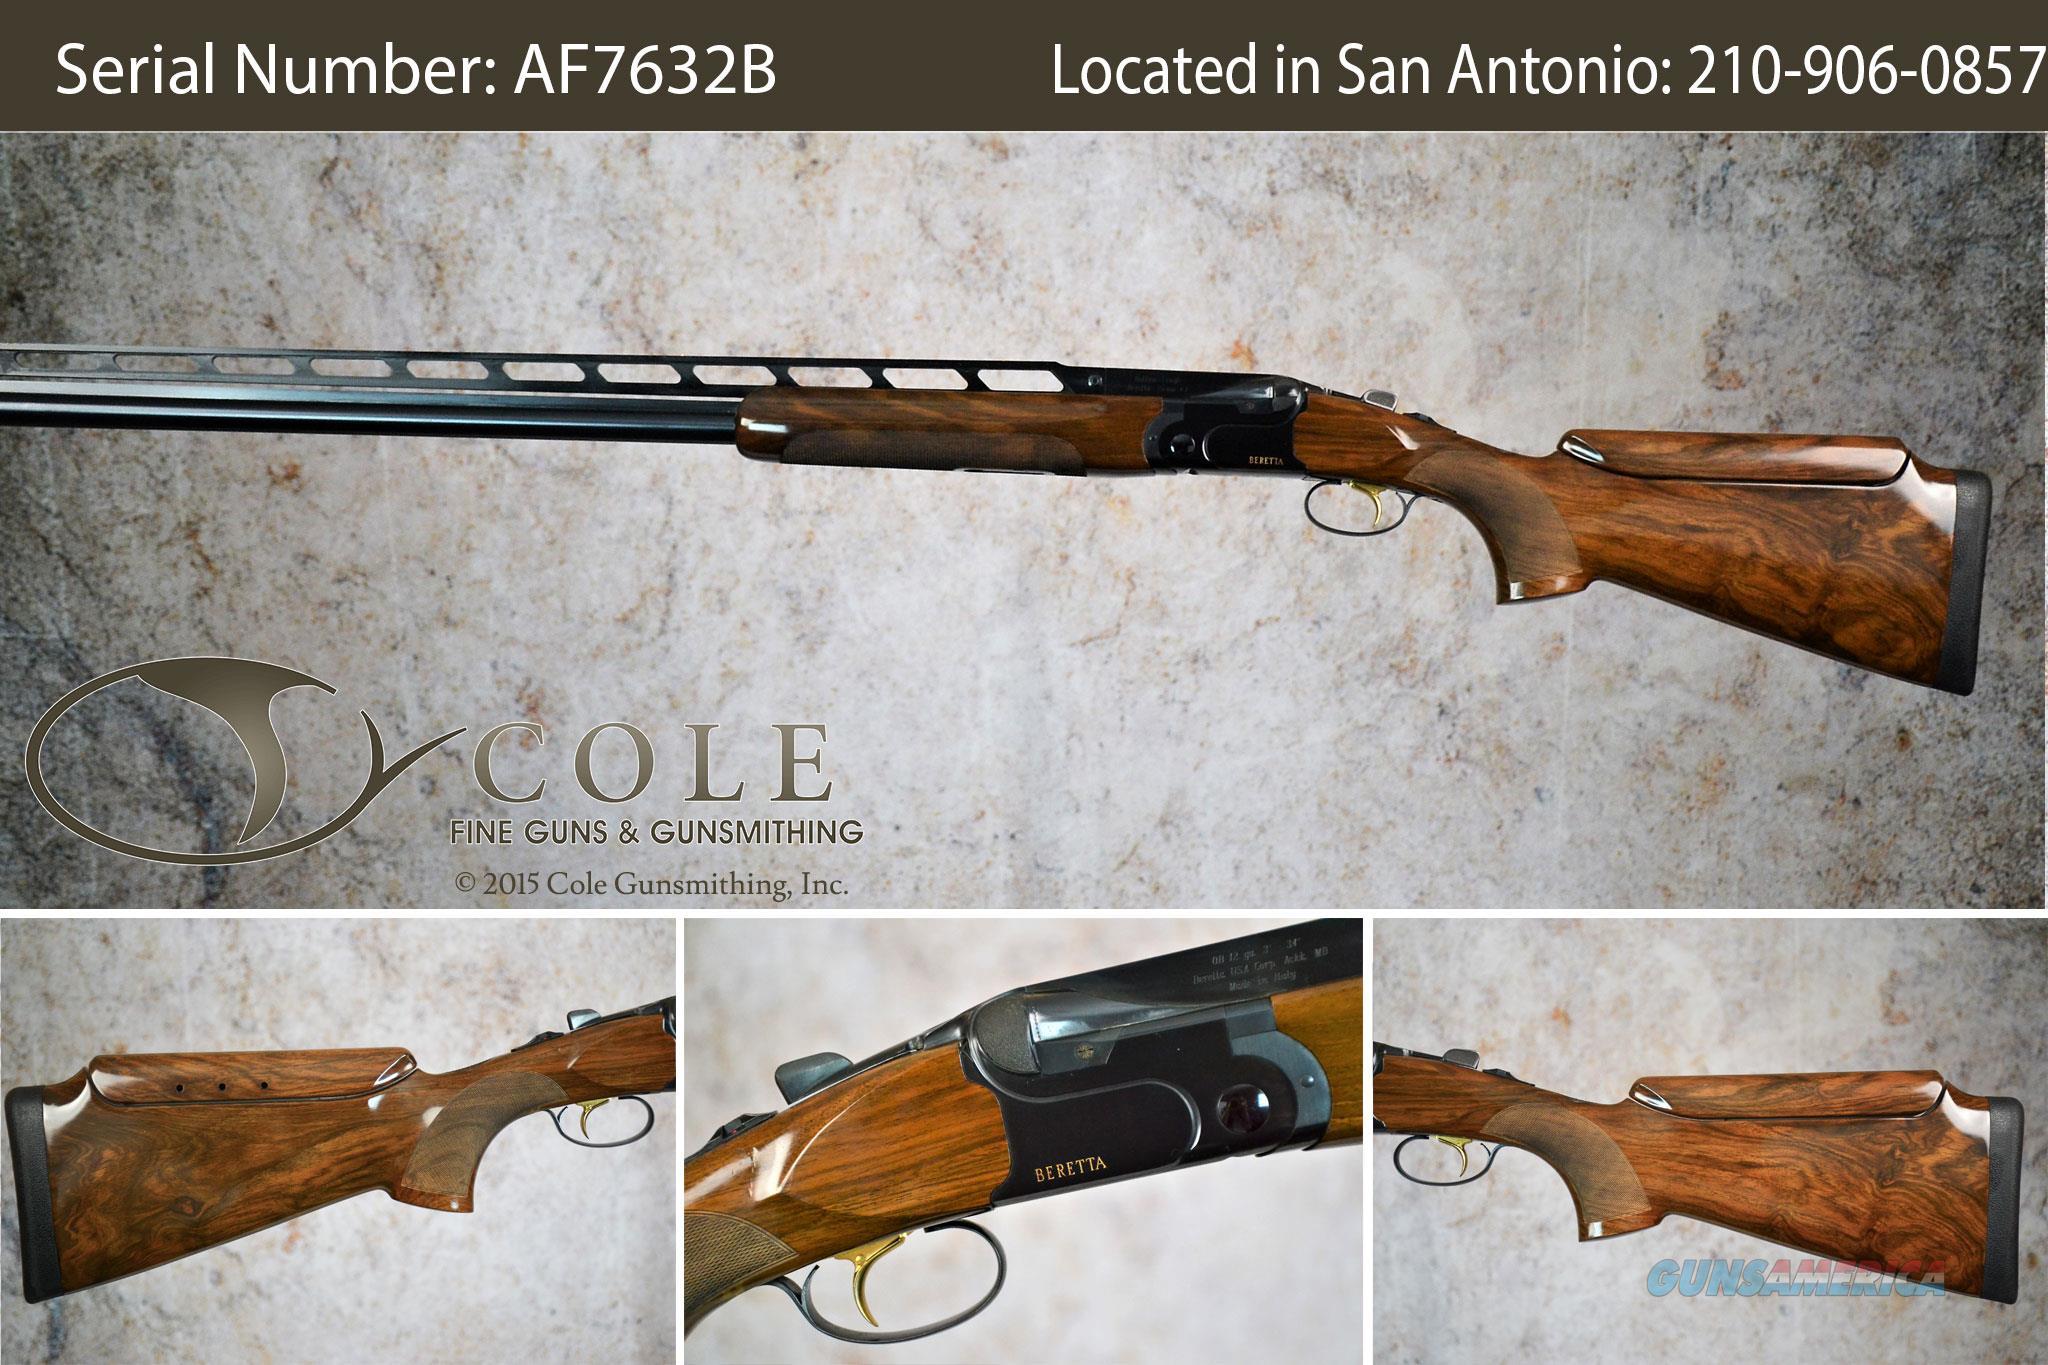 """Beretta  DT10 Trap 12g 34"""" SN:#AF7632B ~~YIII-Gun~~~At Our San Antonio Store~~  Guns > Shotguns > Beretta Shotguns > O/U > Trap/Skeet"""